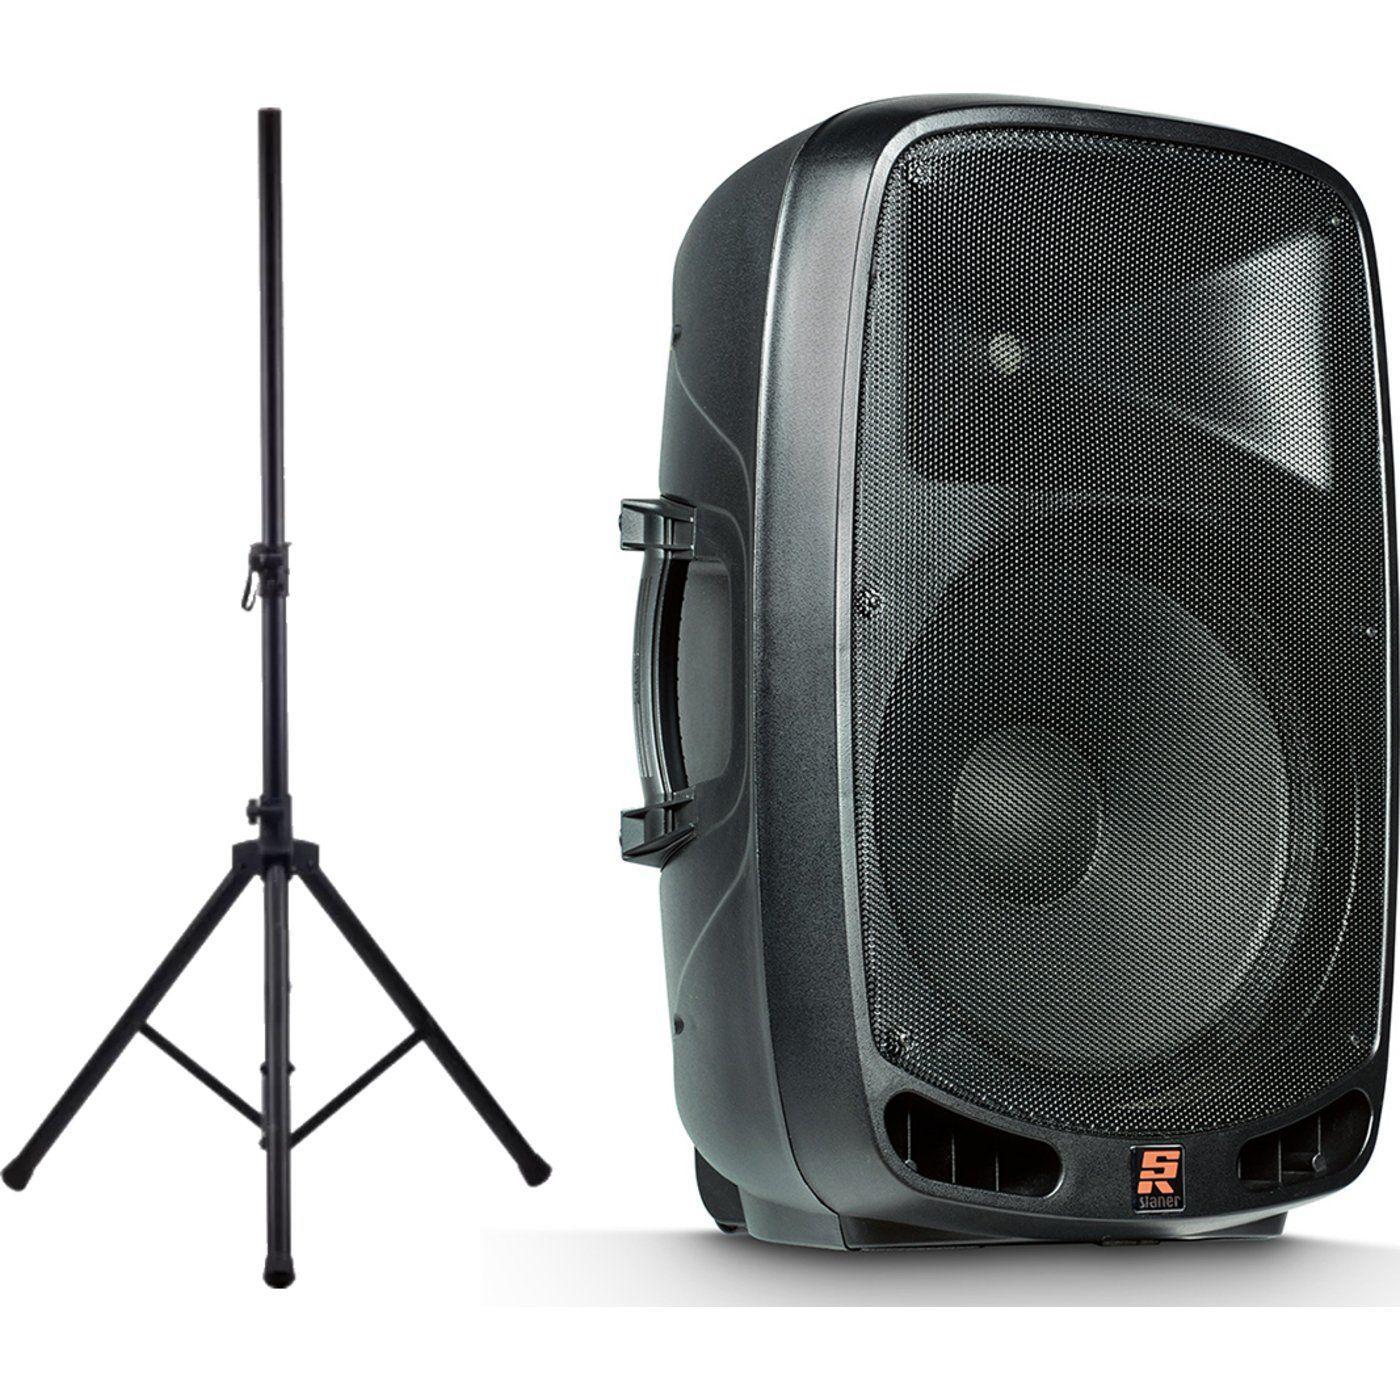 Kit 2 Caixa De Som Ativa 15 Staner Ps1501 400w + Tripé